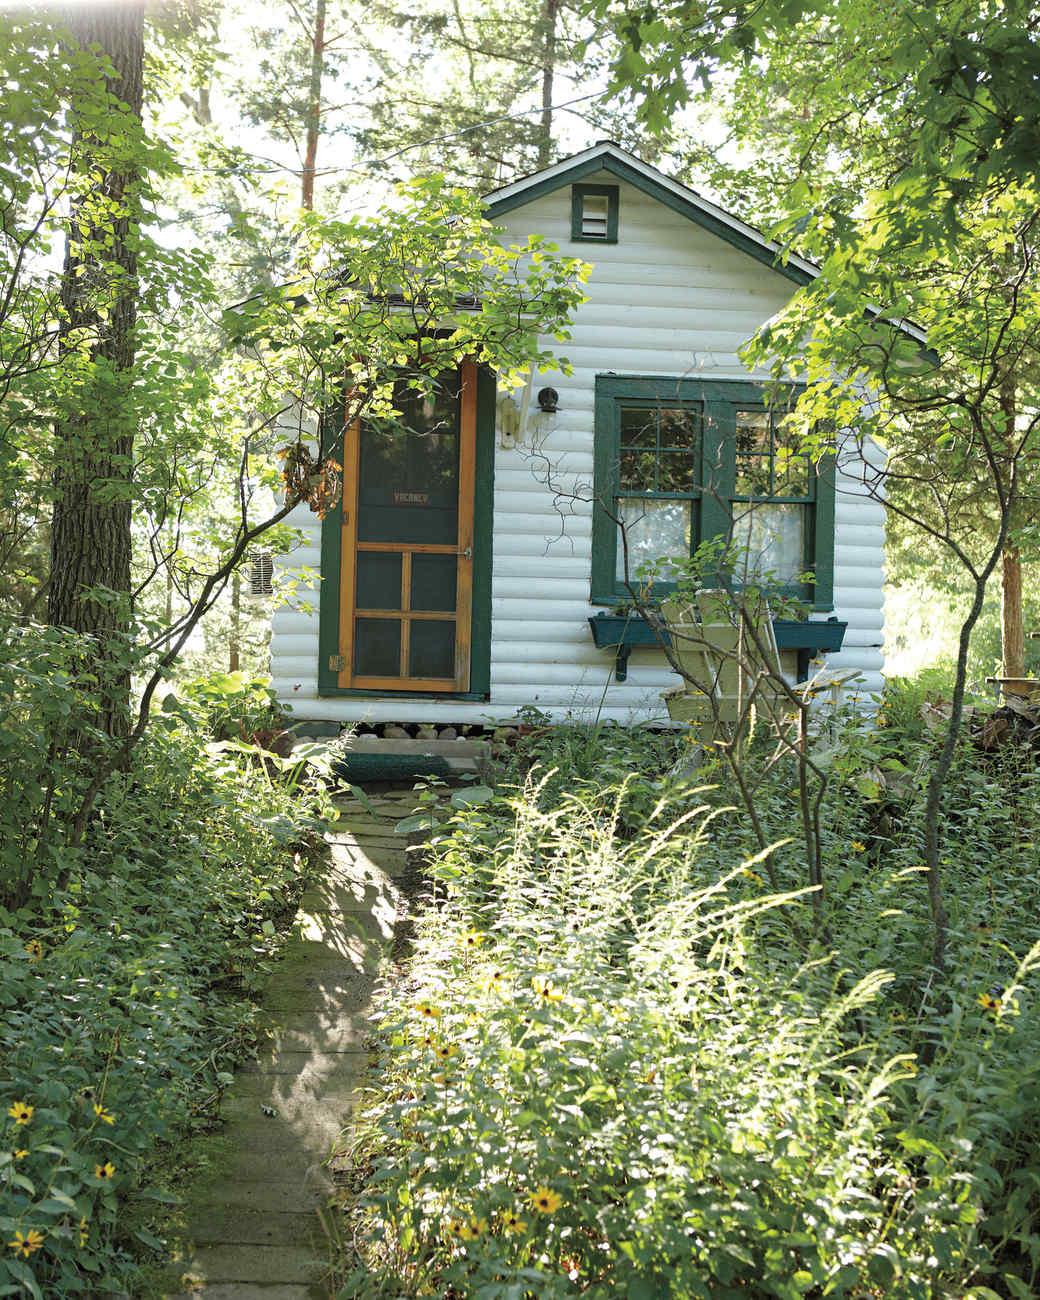 camp-wandawega-md108021-002.jpg